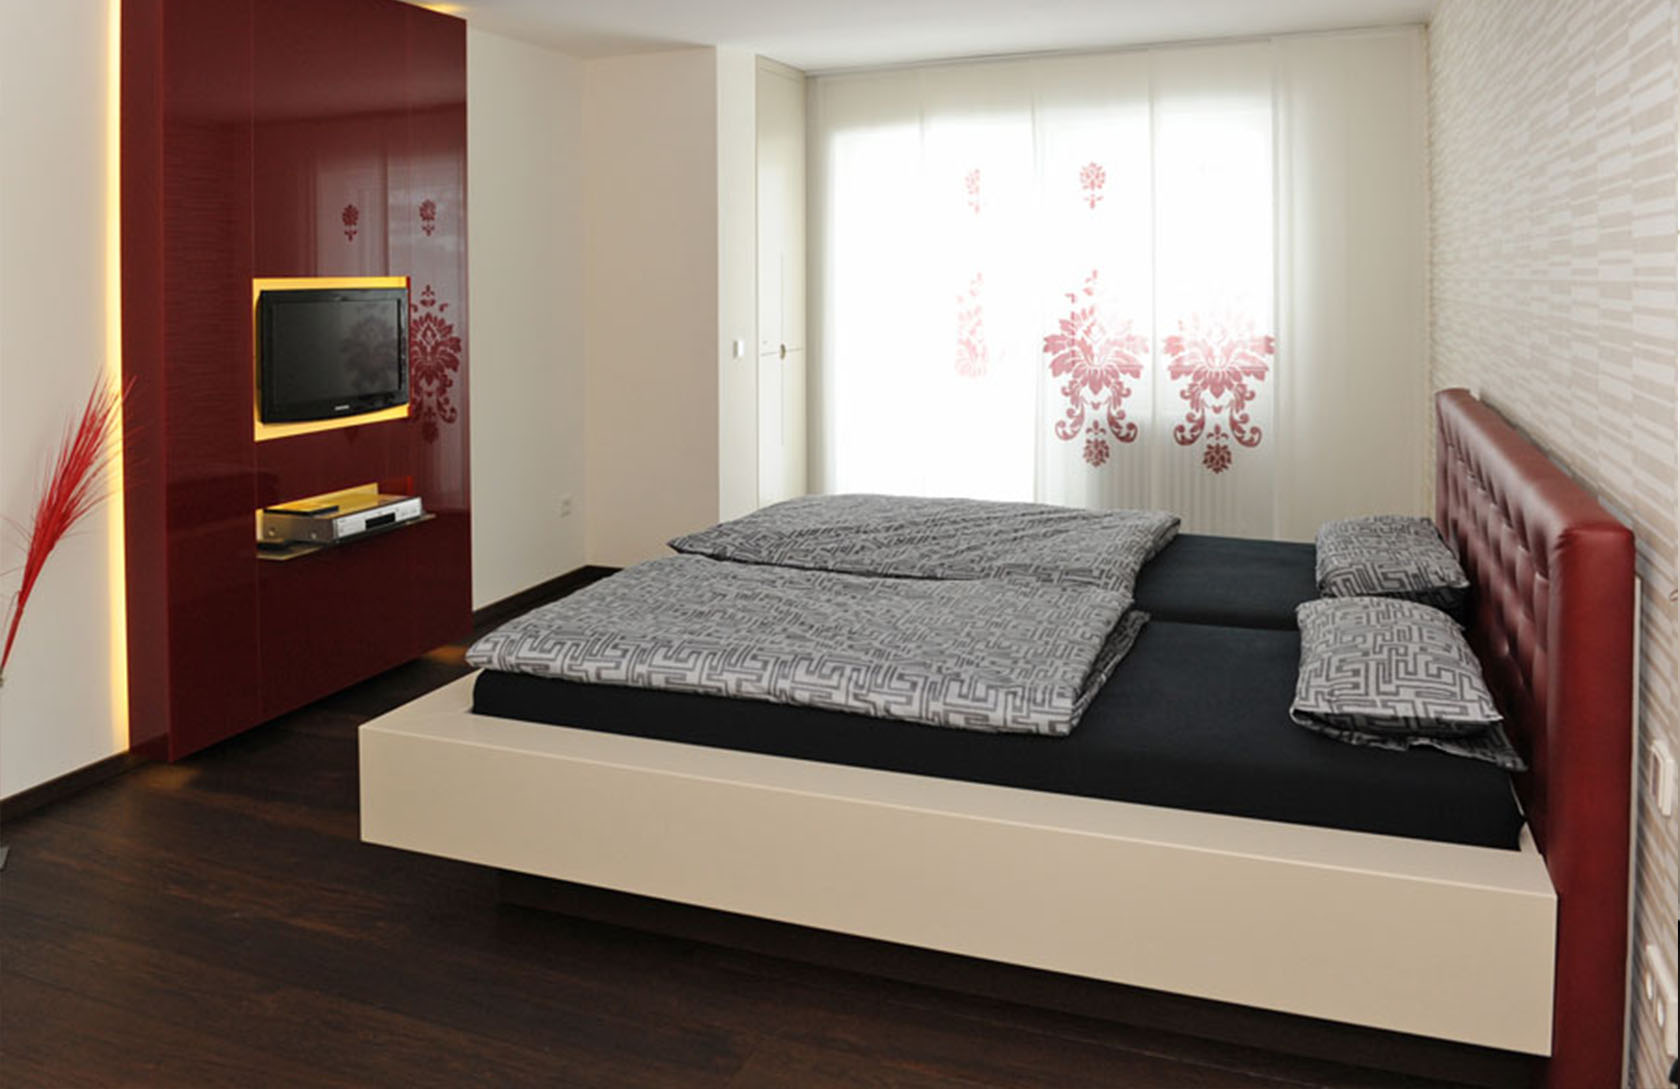 Schlafzimmer 2 Möbelbau Steck & Müller